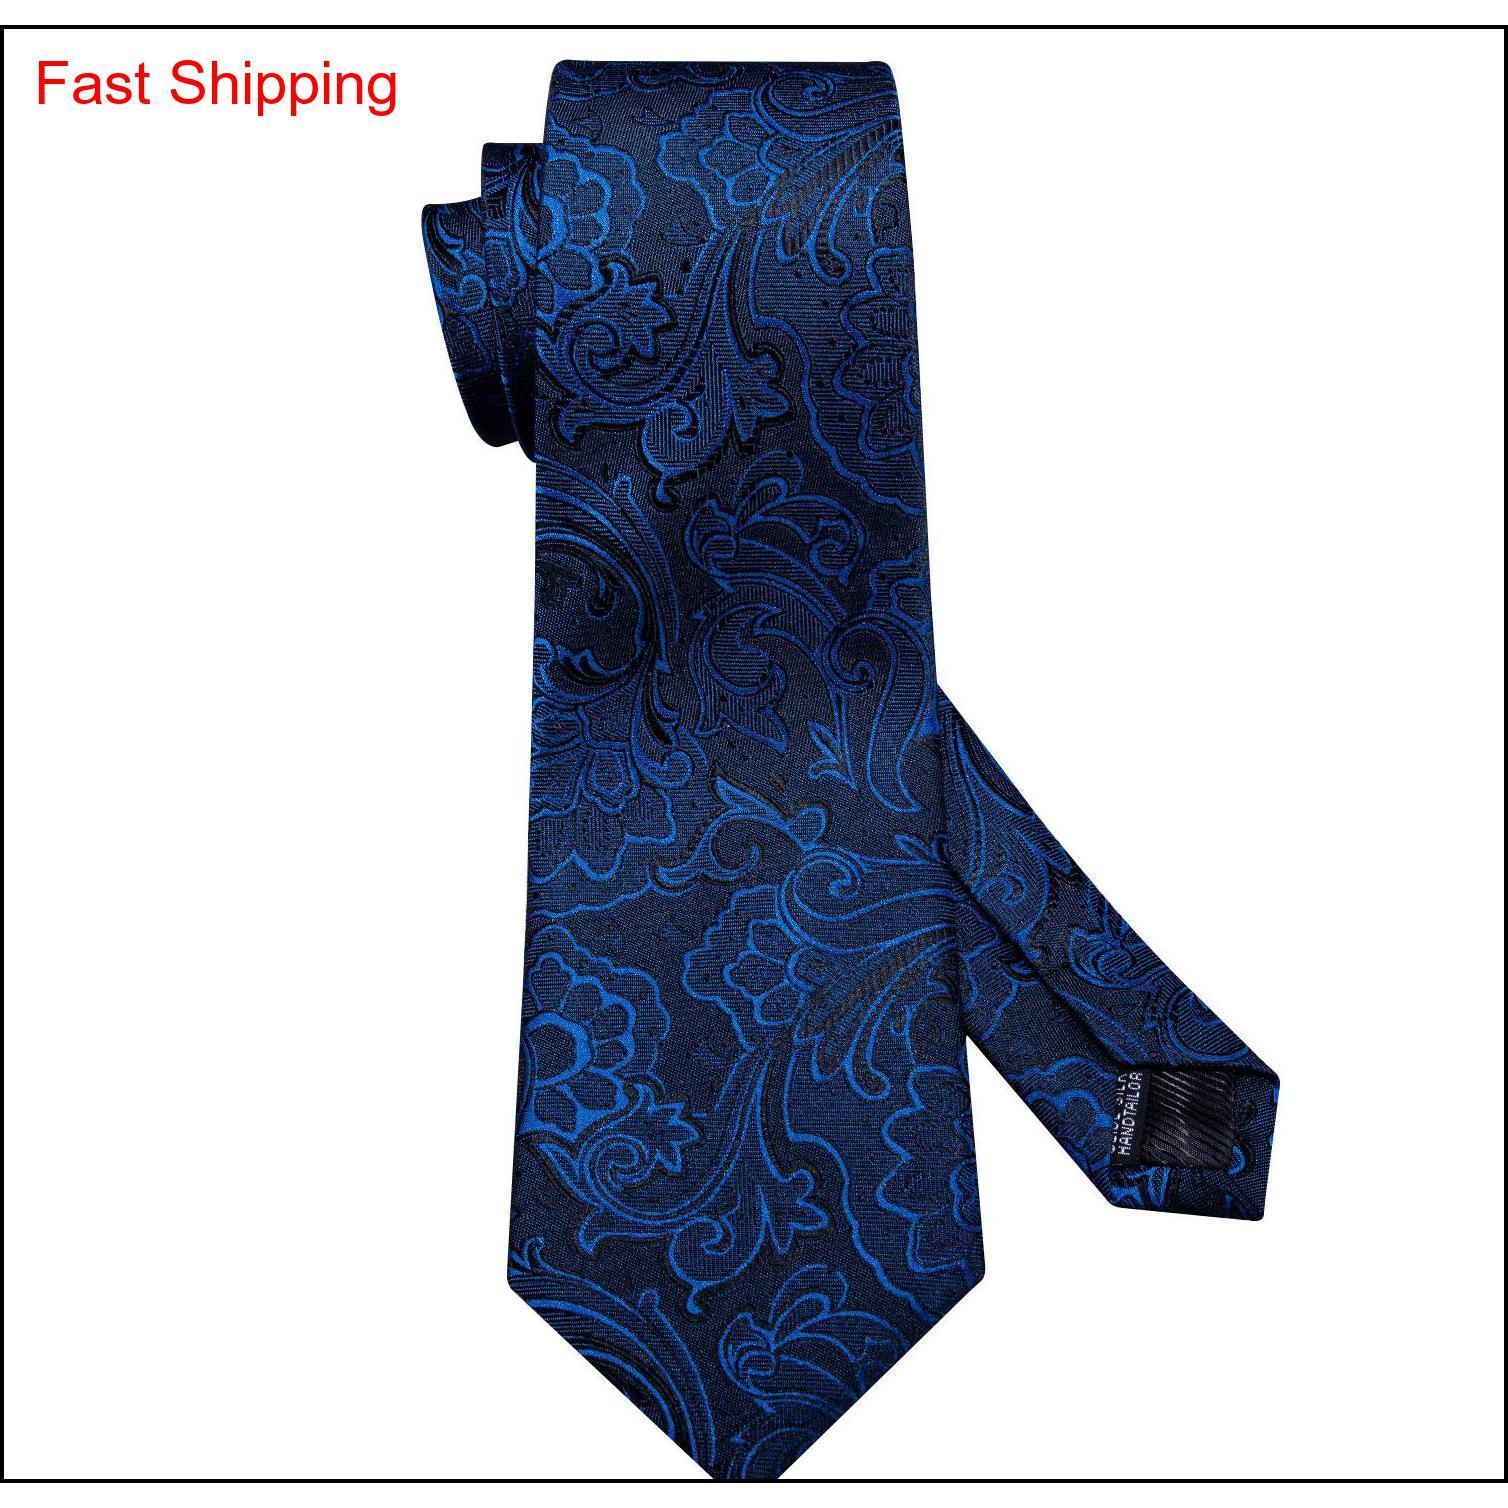 Envío rápido Mens Corbatas 100% Sileda Diseñadores de seda Moda azul marino Azul Floral Tie Hanky Gemelos Conjuntos para hombres Formal W Qyldtz Beauty888